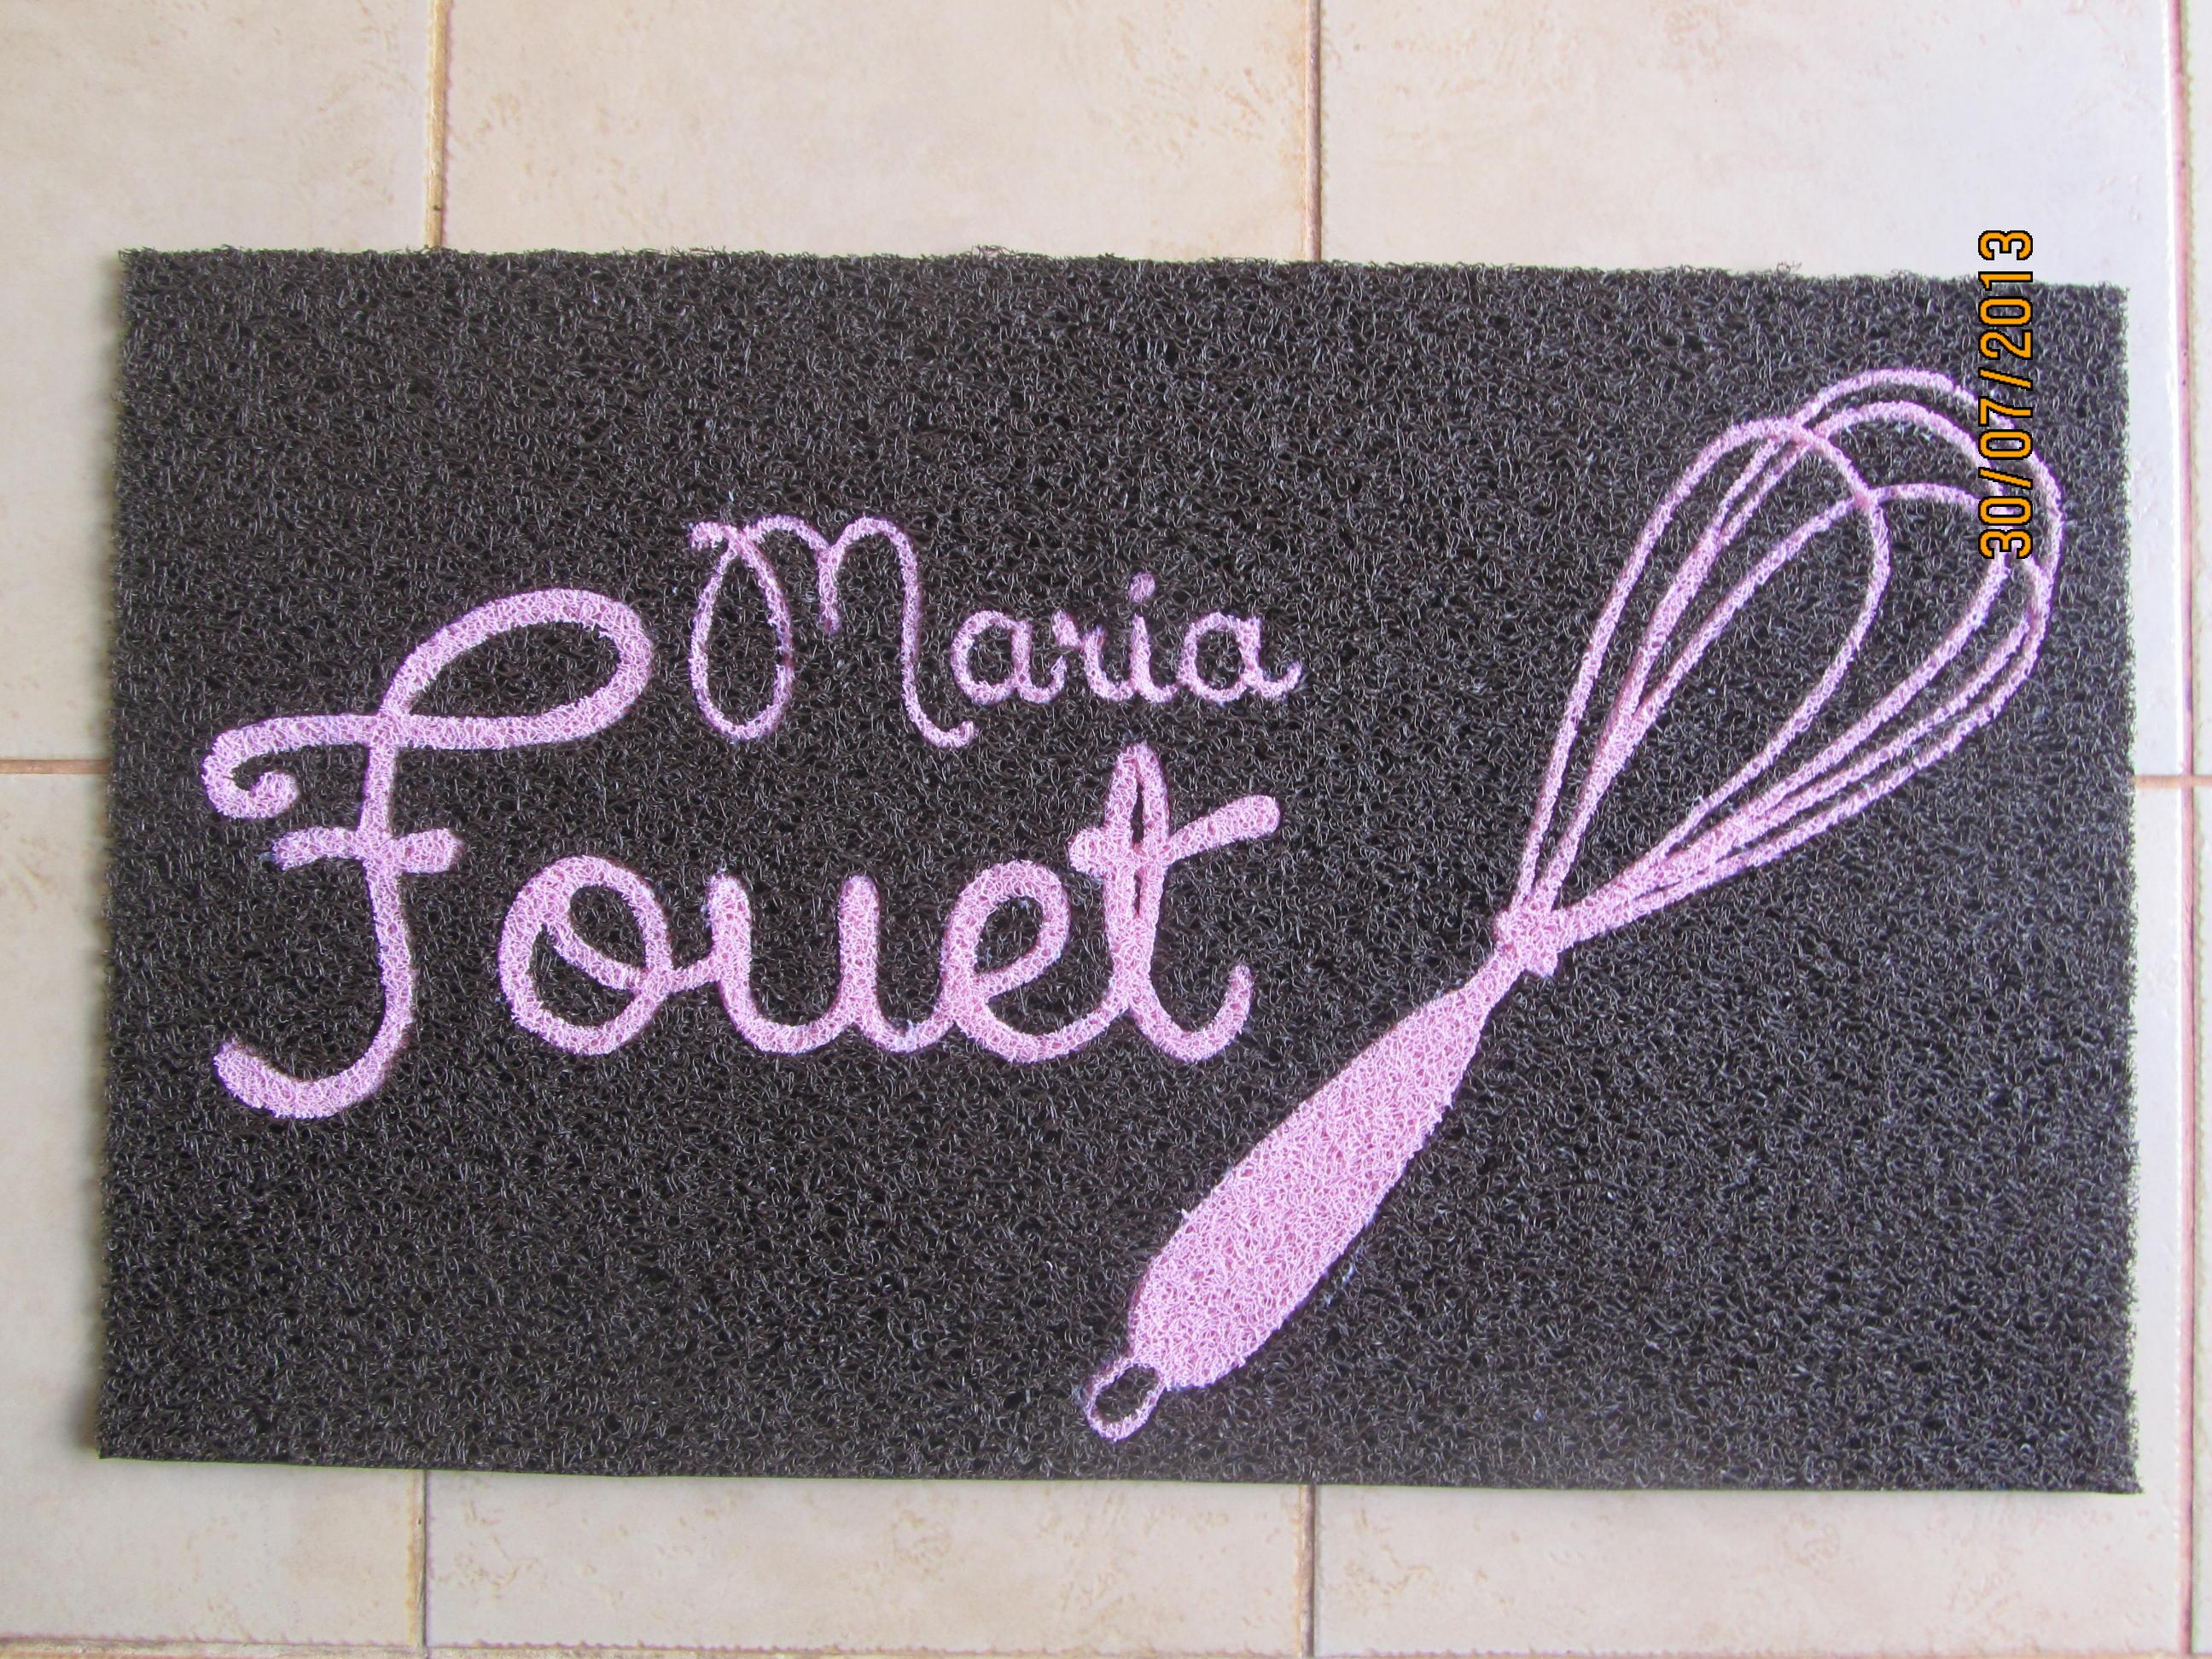 Maria Fouet.